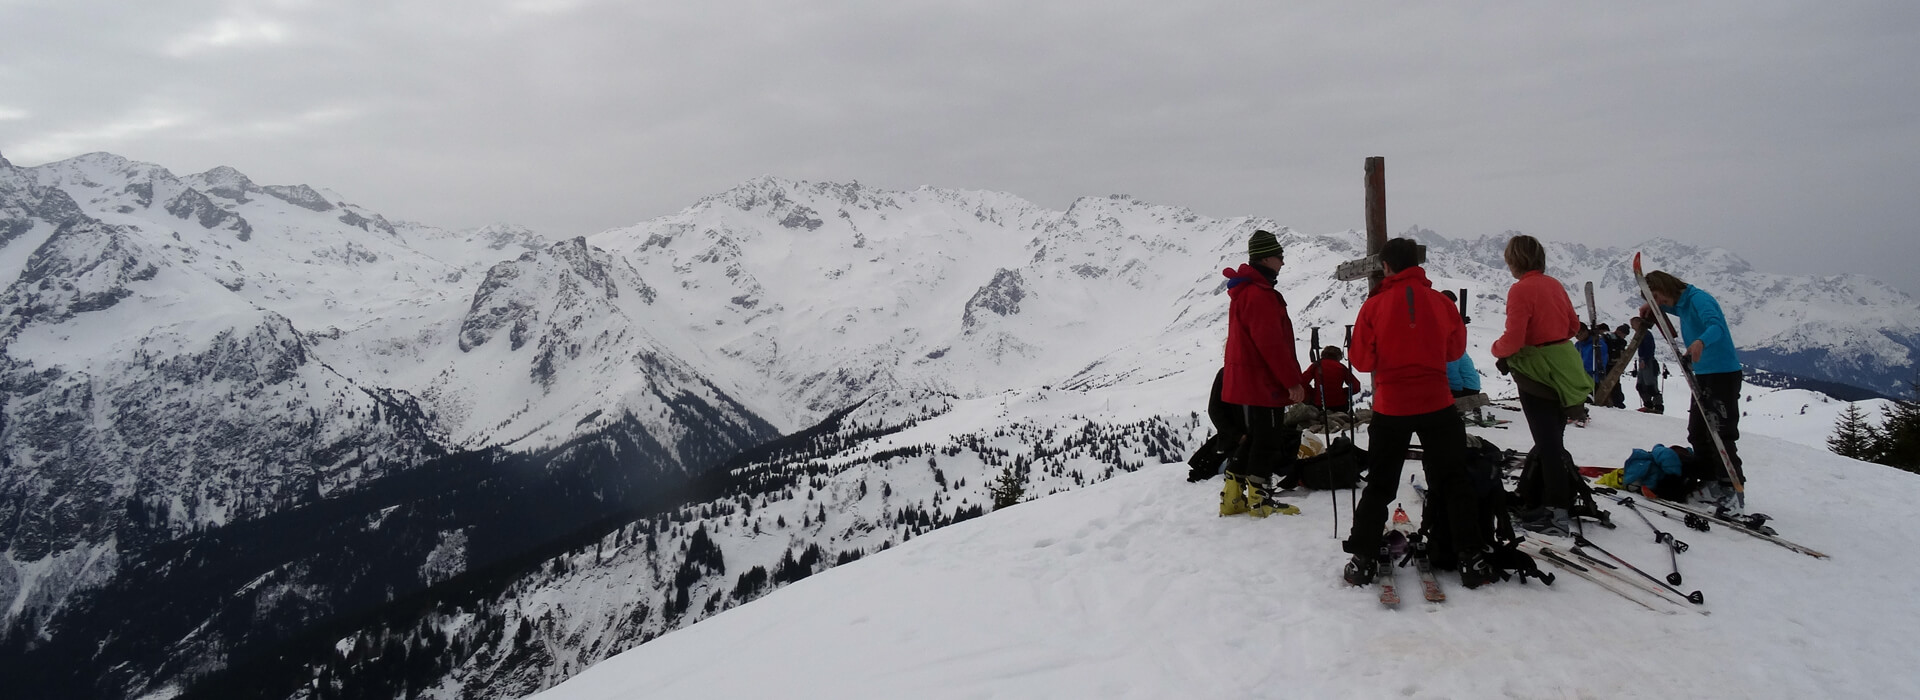 Le Grand Rocher en raquettes - Depuis le Foyer de ski de fond du Barioz - 1926 M